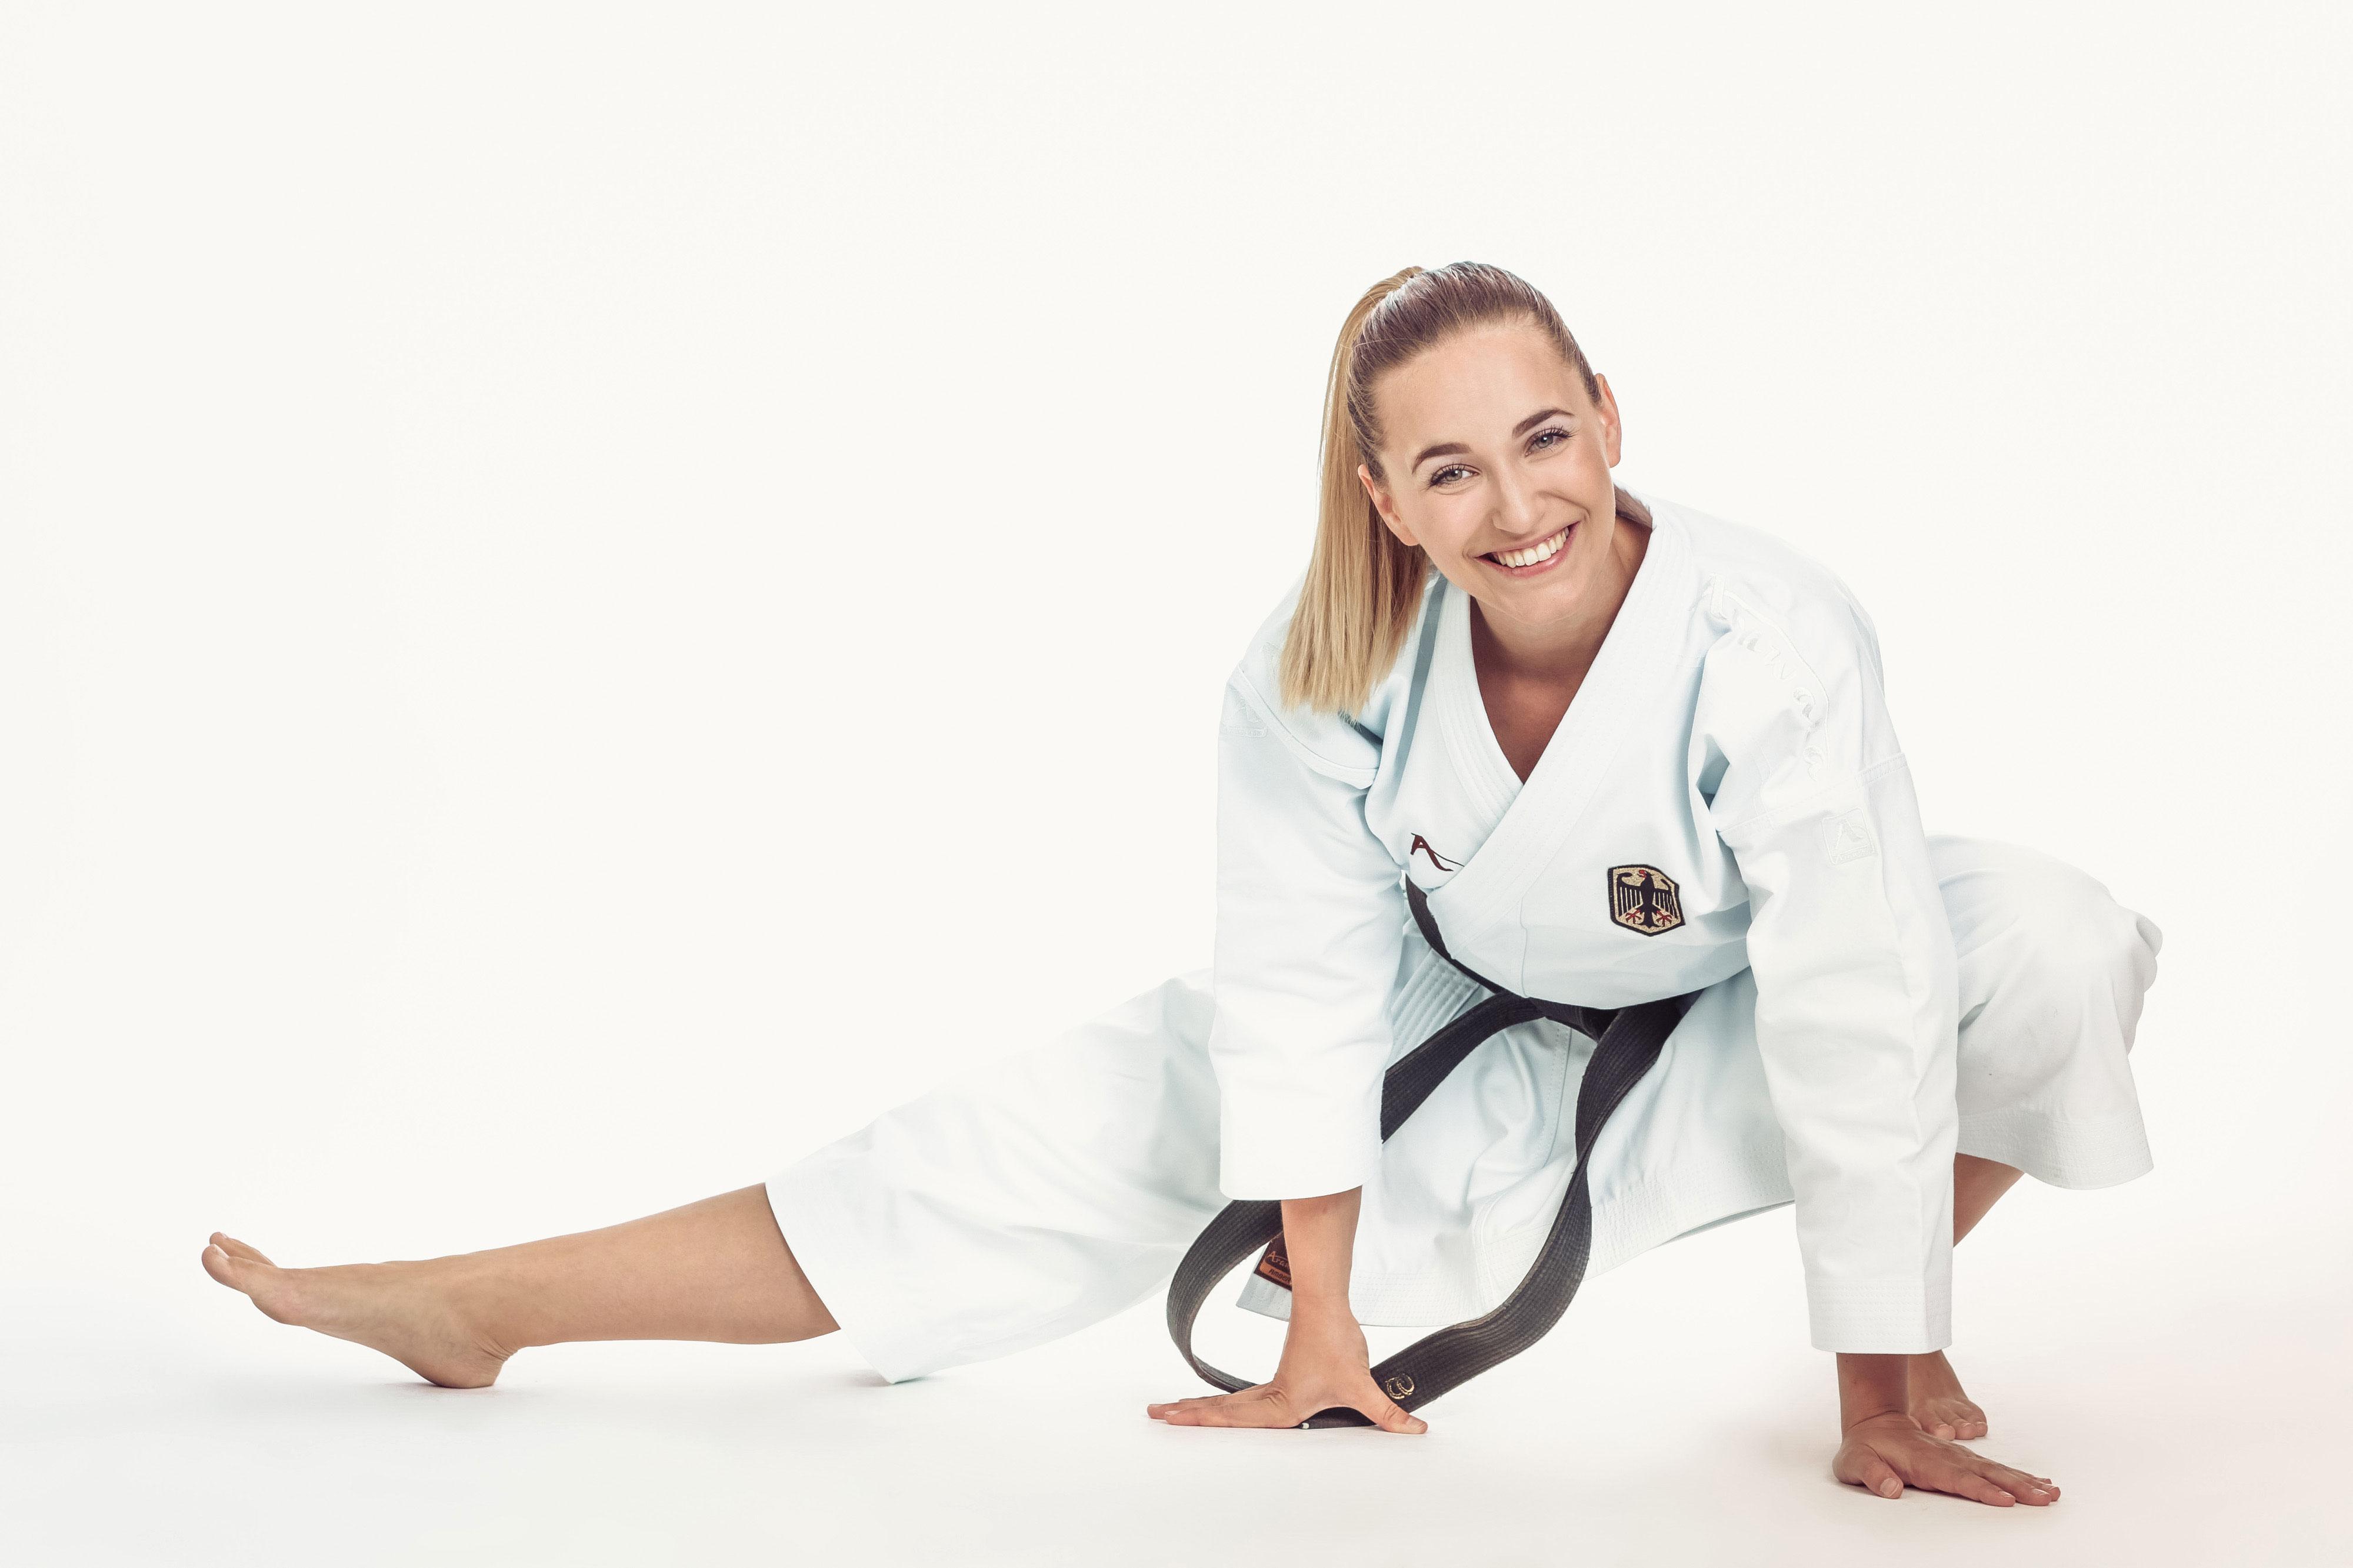 Wednesday Warrior mit Karateweltmeisterin Sophie Wachter bei Demmrich Fitness Wiesbaden